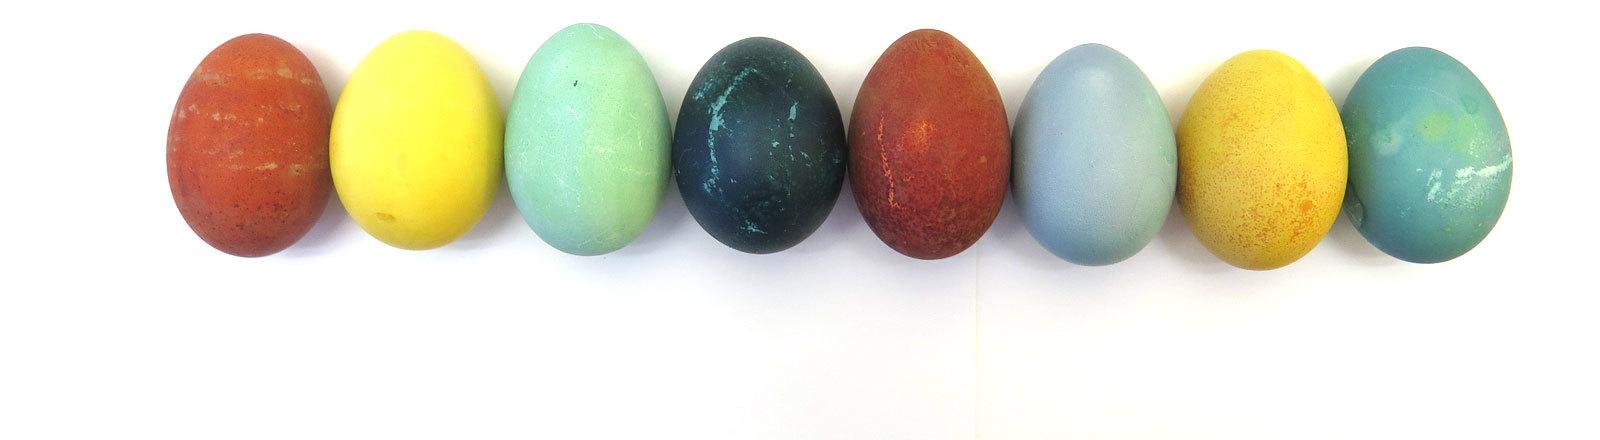 Mit Lebensmitteln gefärbte Eier